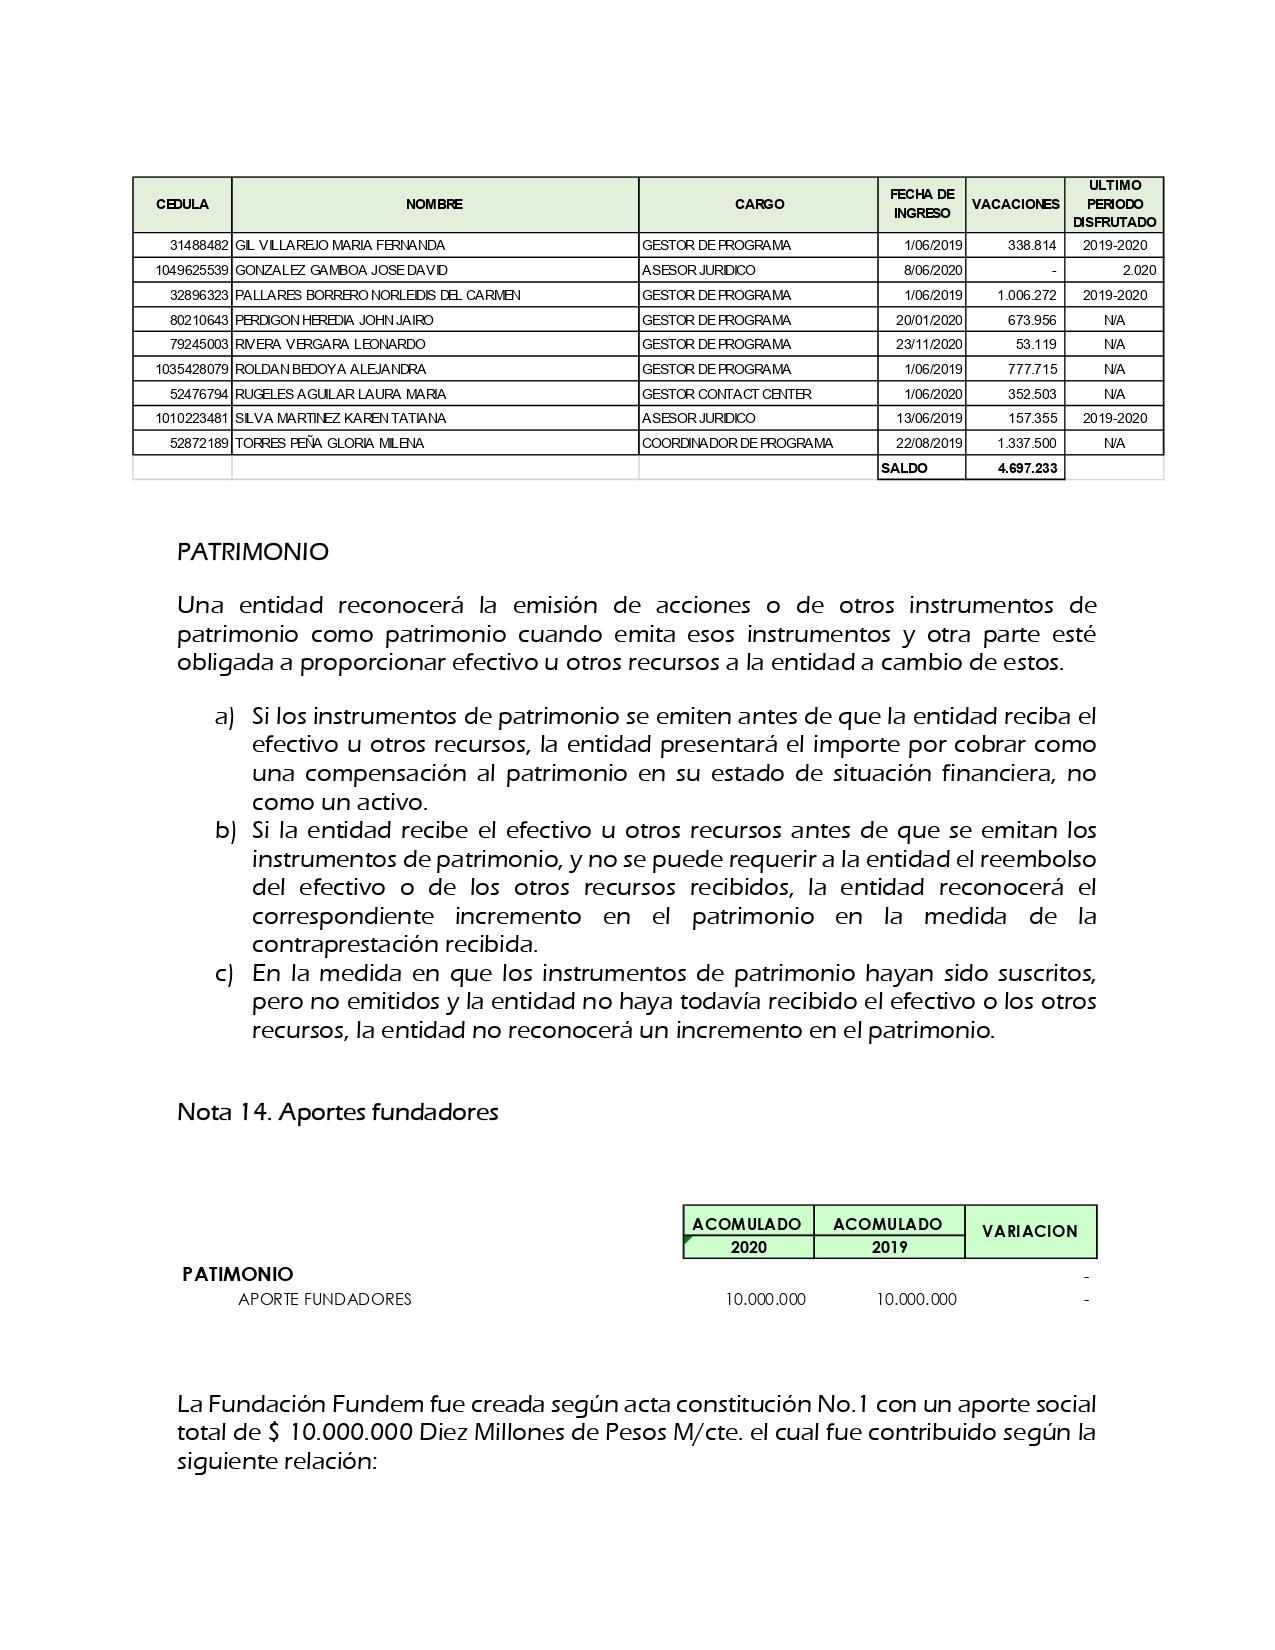 Estados Financieros Fundacion Fundem 2020_page-0029